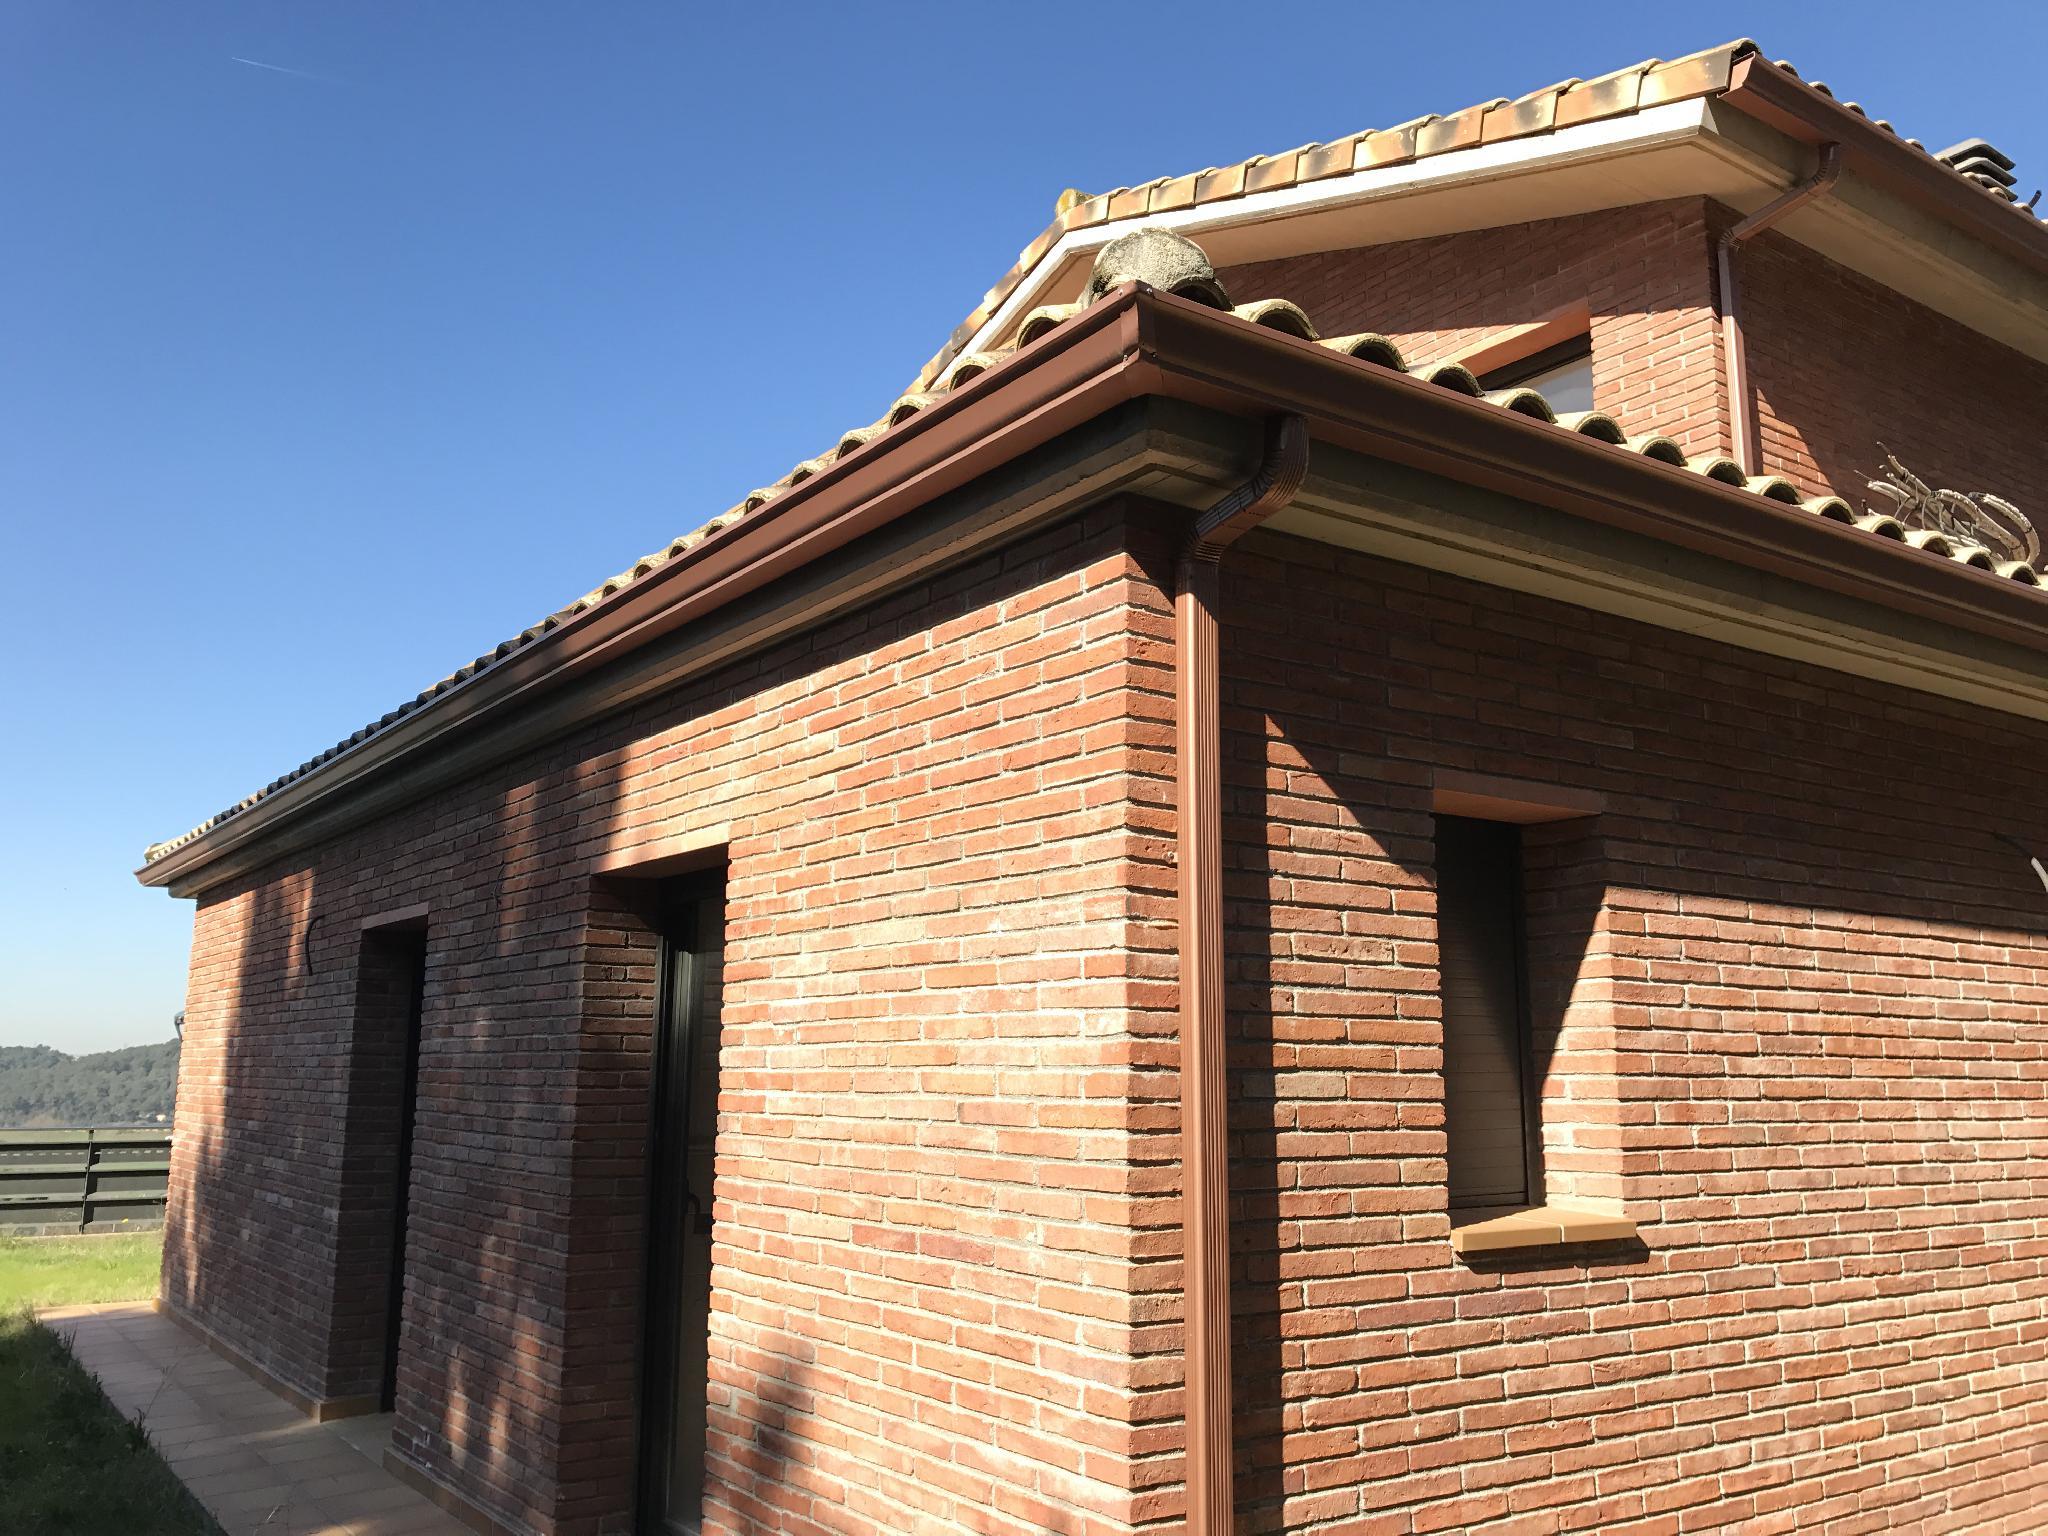 Casas parets del valles beautiful pedro antonio prez with casas parets del valles cool - Casas montornes del valles ...